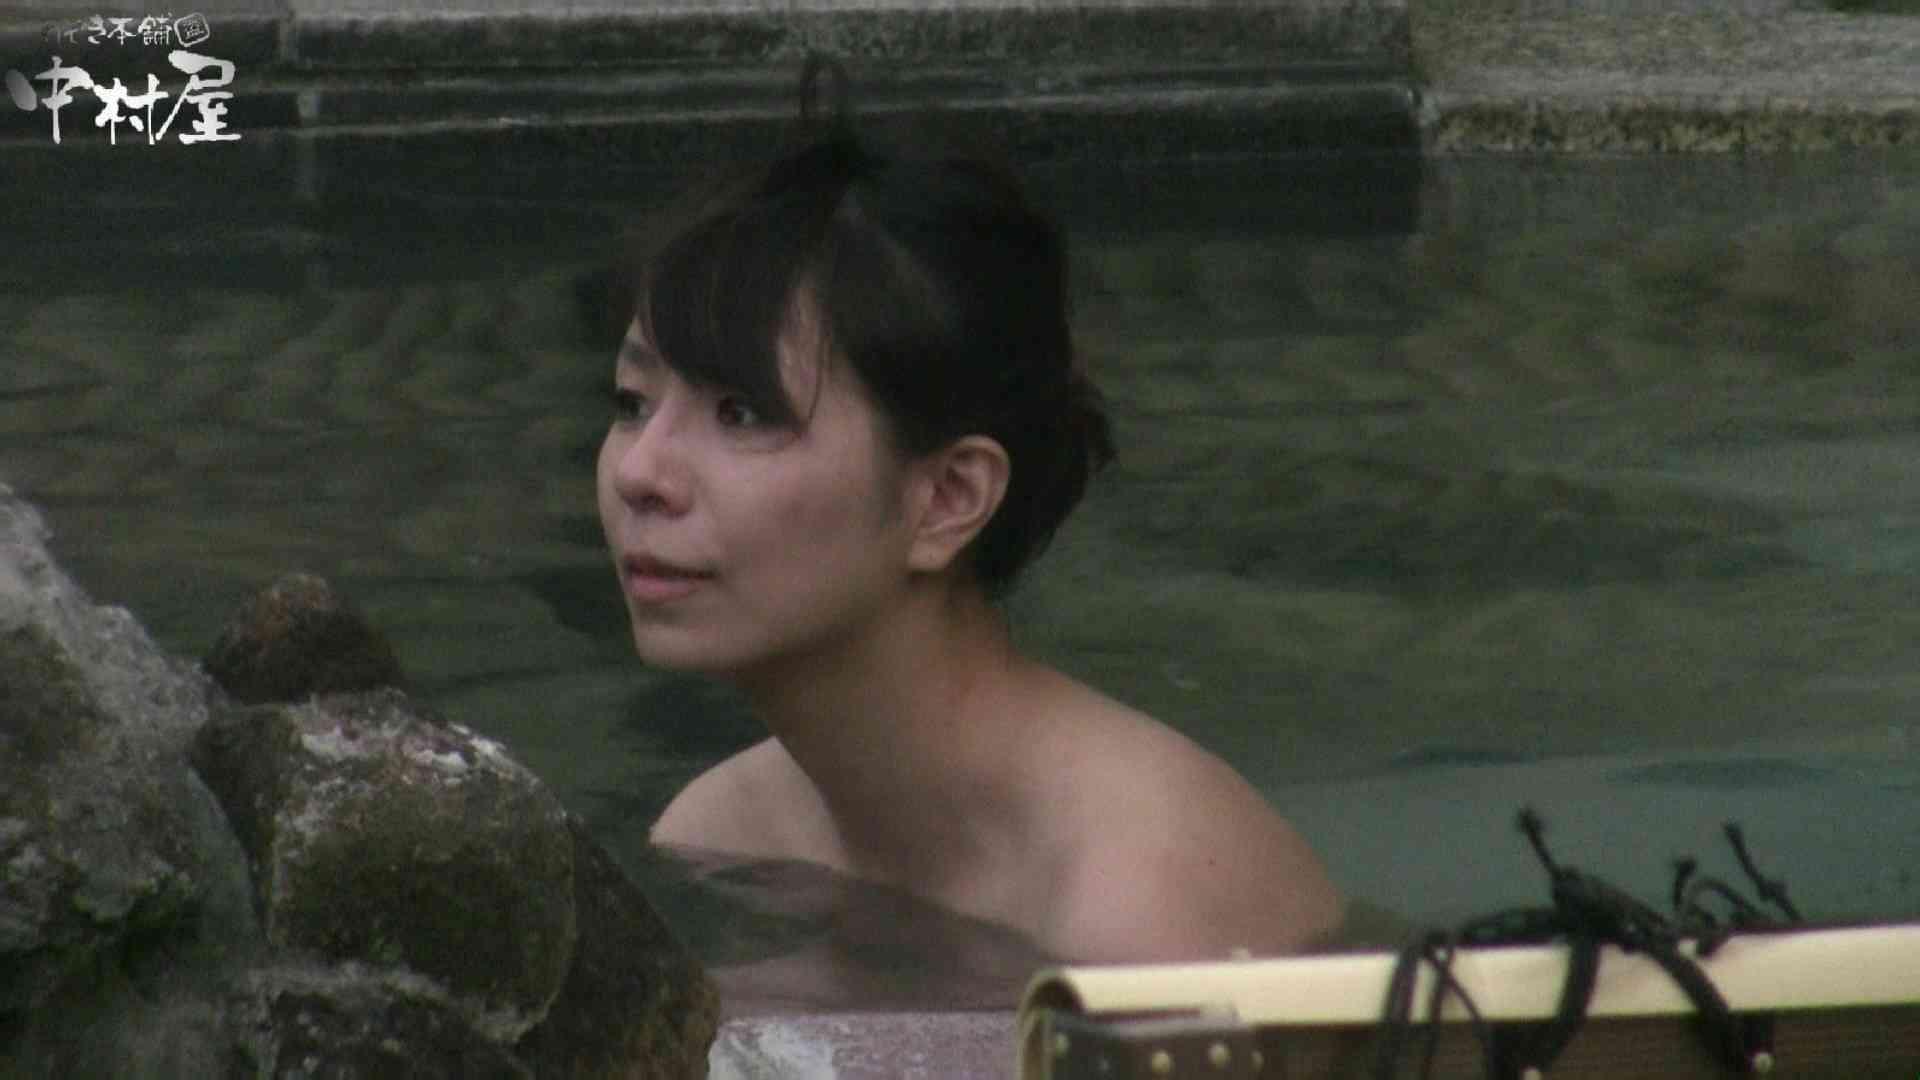 Aquaな露天風呂Vol.930 0  101pic 54